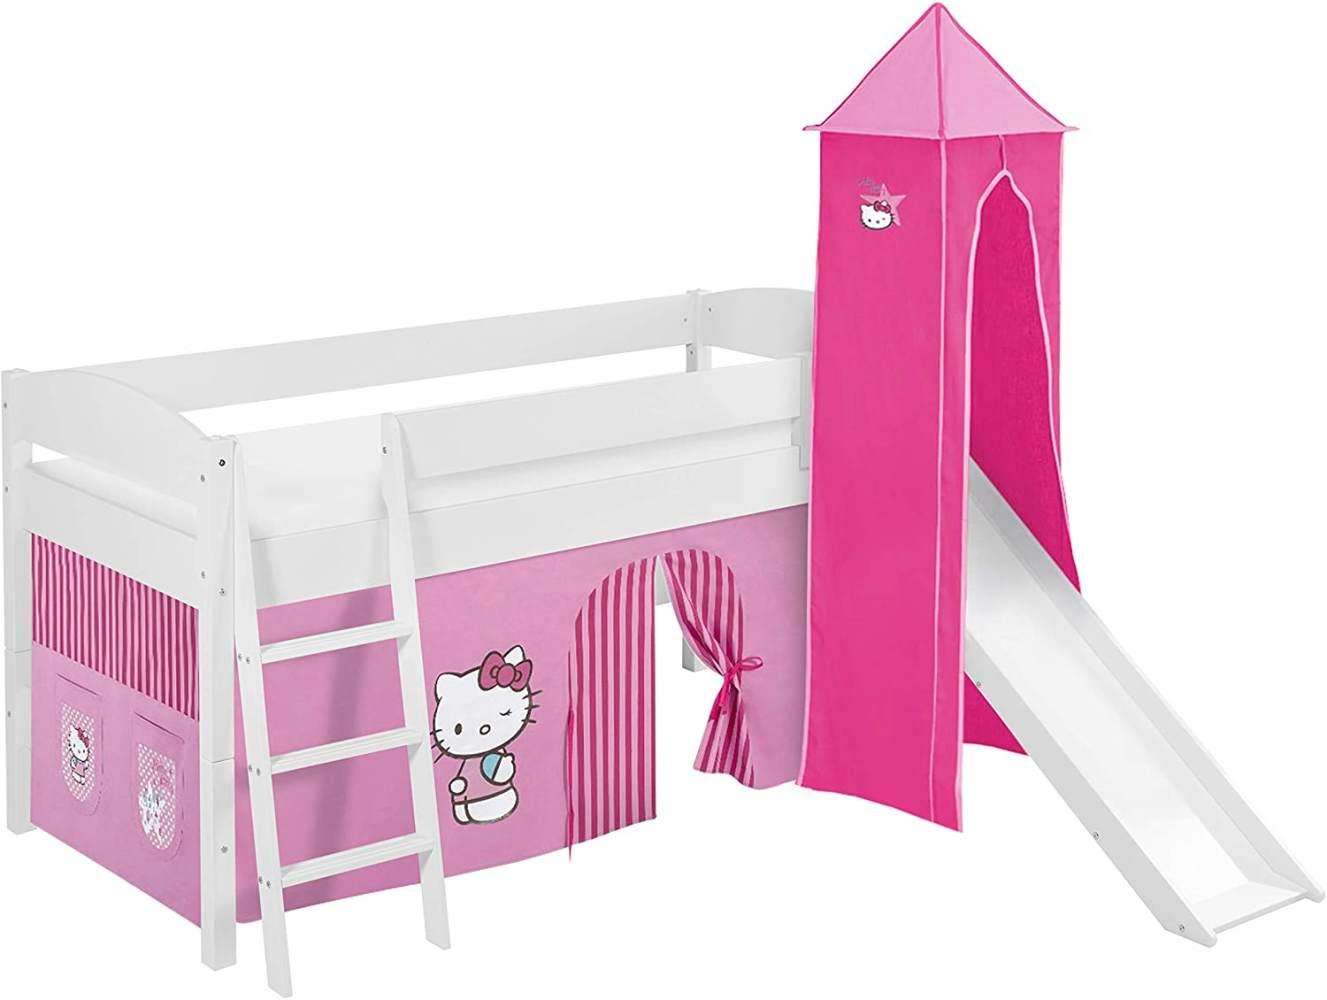 Lilokids 'Ida 4105' Spielbett 90 x 200 cm, Hello Kitty Rosa, Kiefer massiv, mit Turm, Rutsche und Vorhang Bild 1